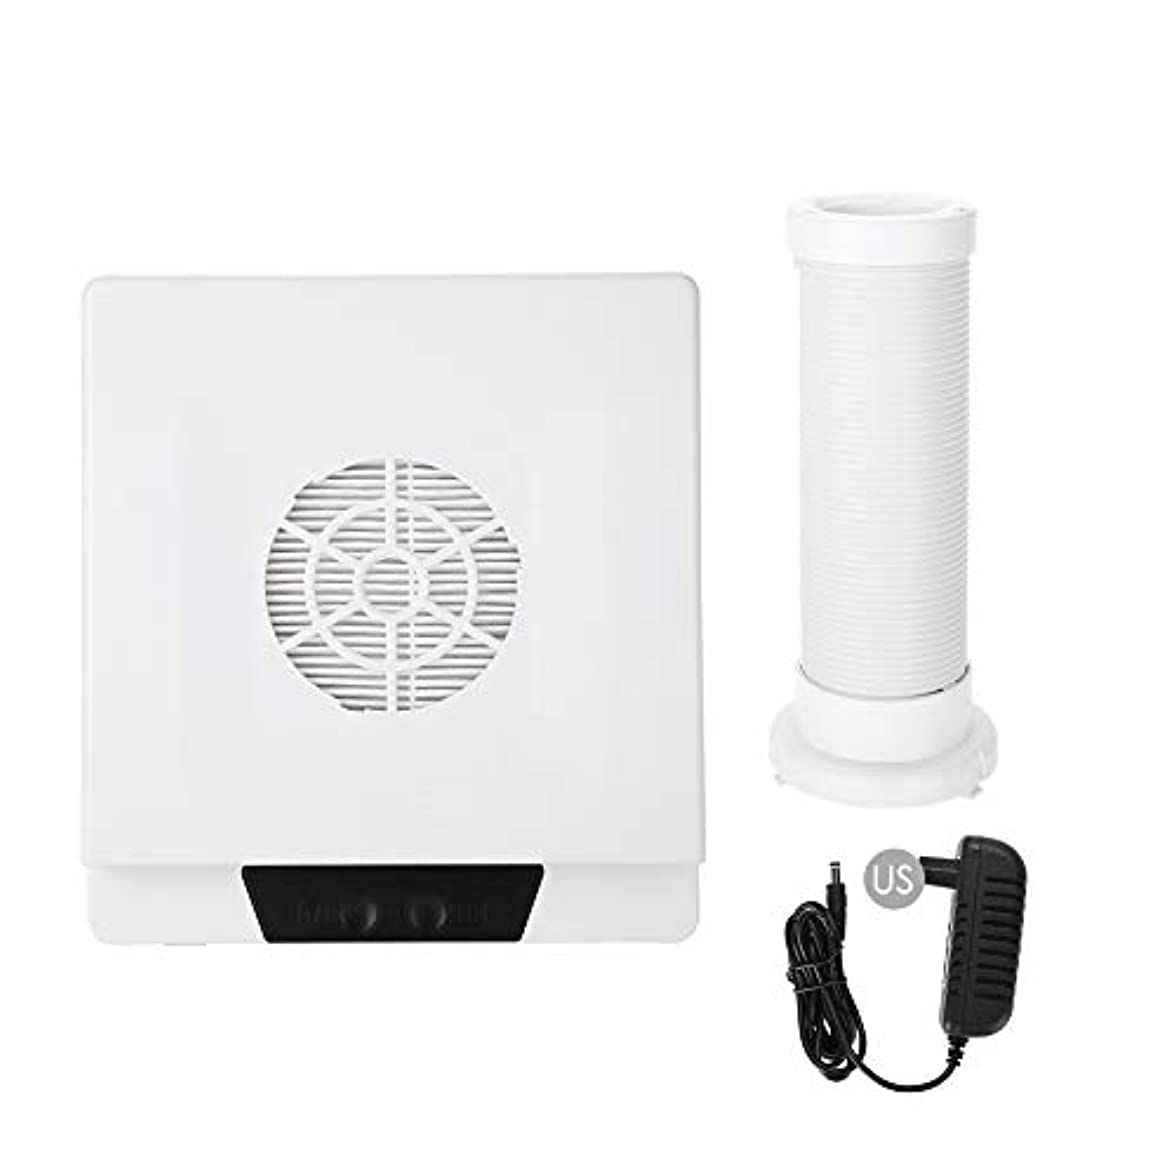 移植ホイールくすぐったいTOPINCN 60W 強い力 ネイルアートダストサクション ネイルアート集塵機 マニキュア掃除機 ネイルダストクリーナー(02)